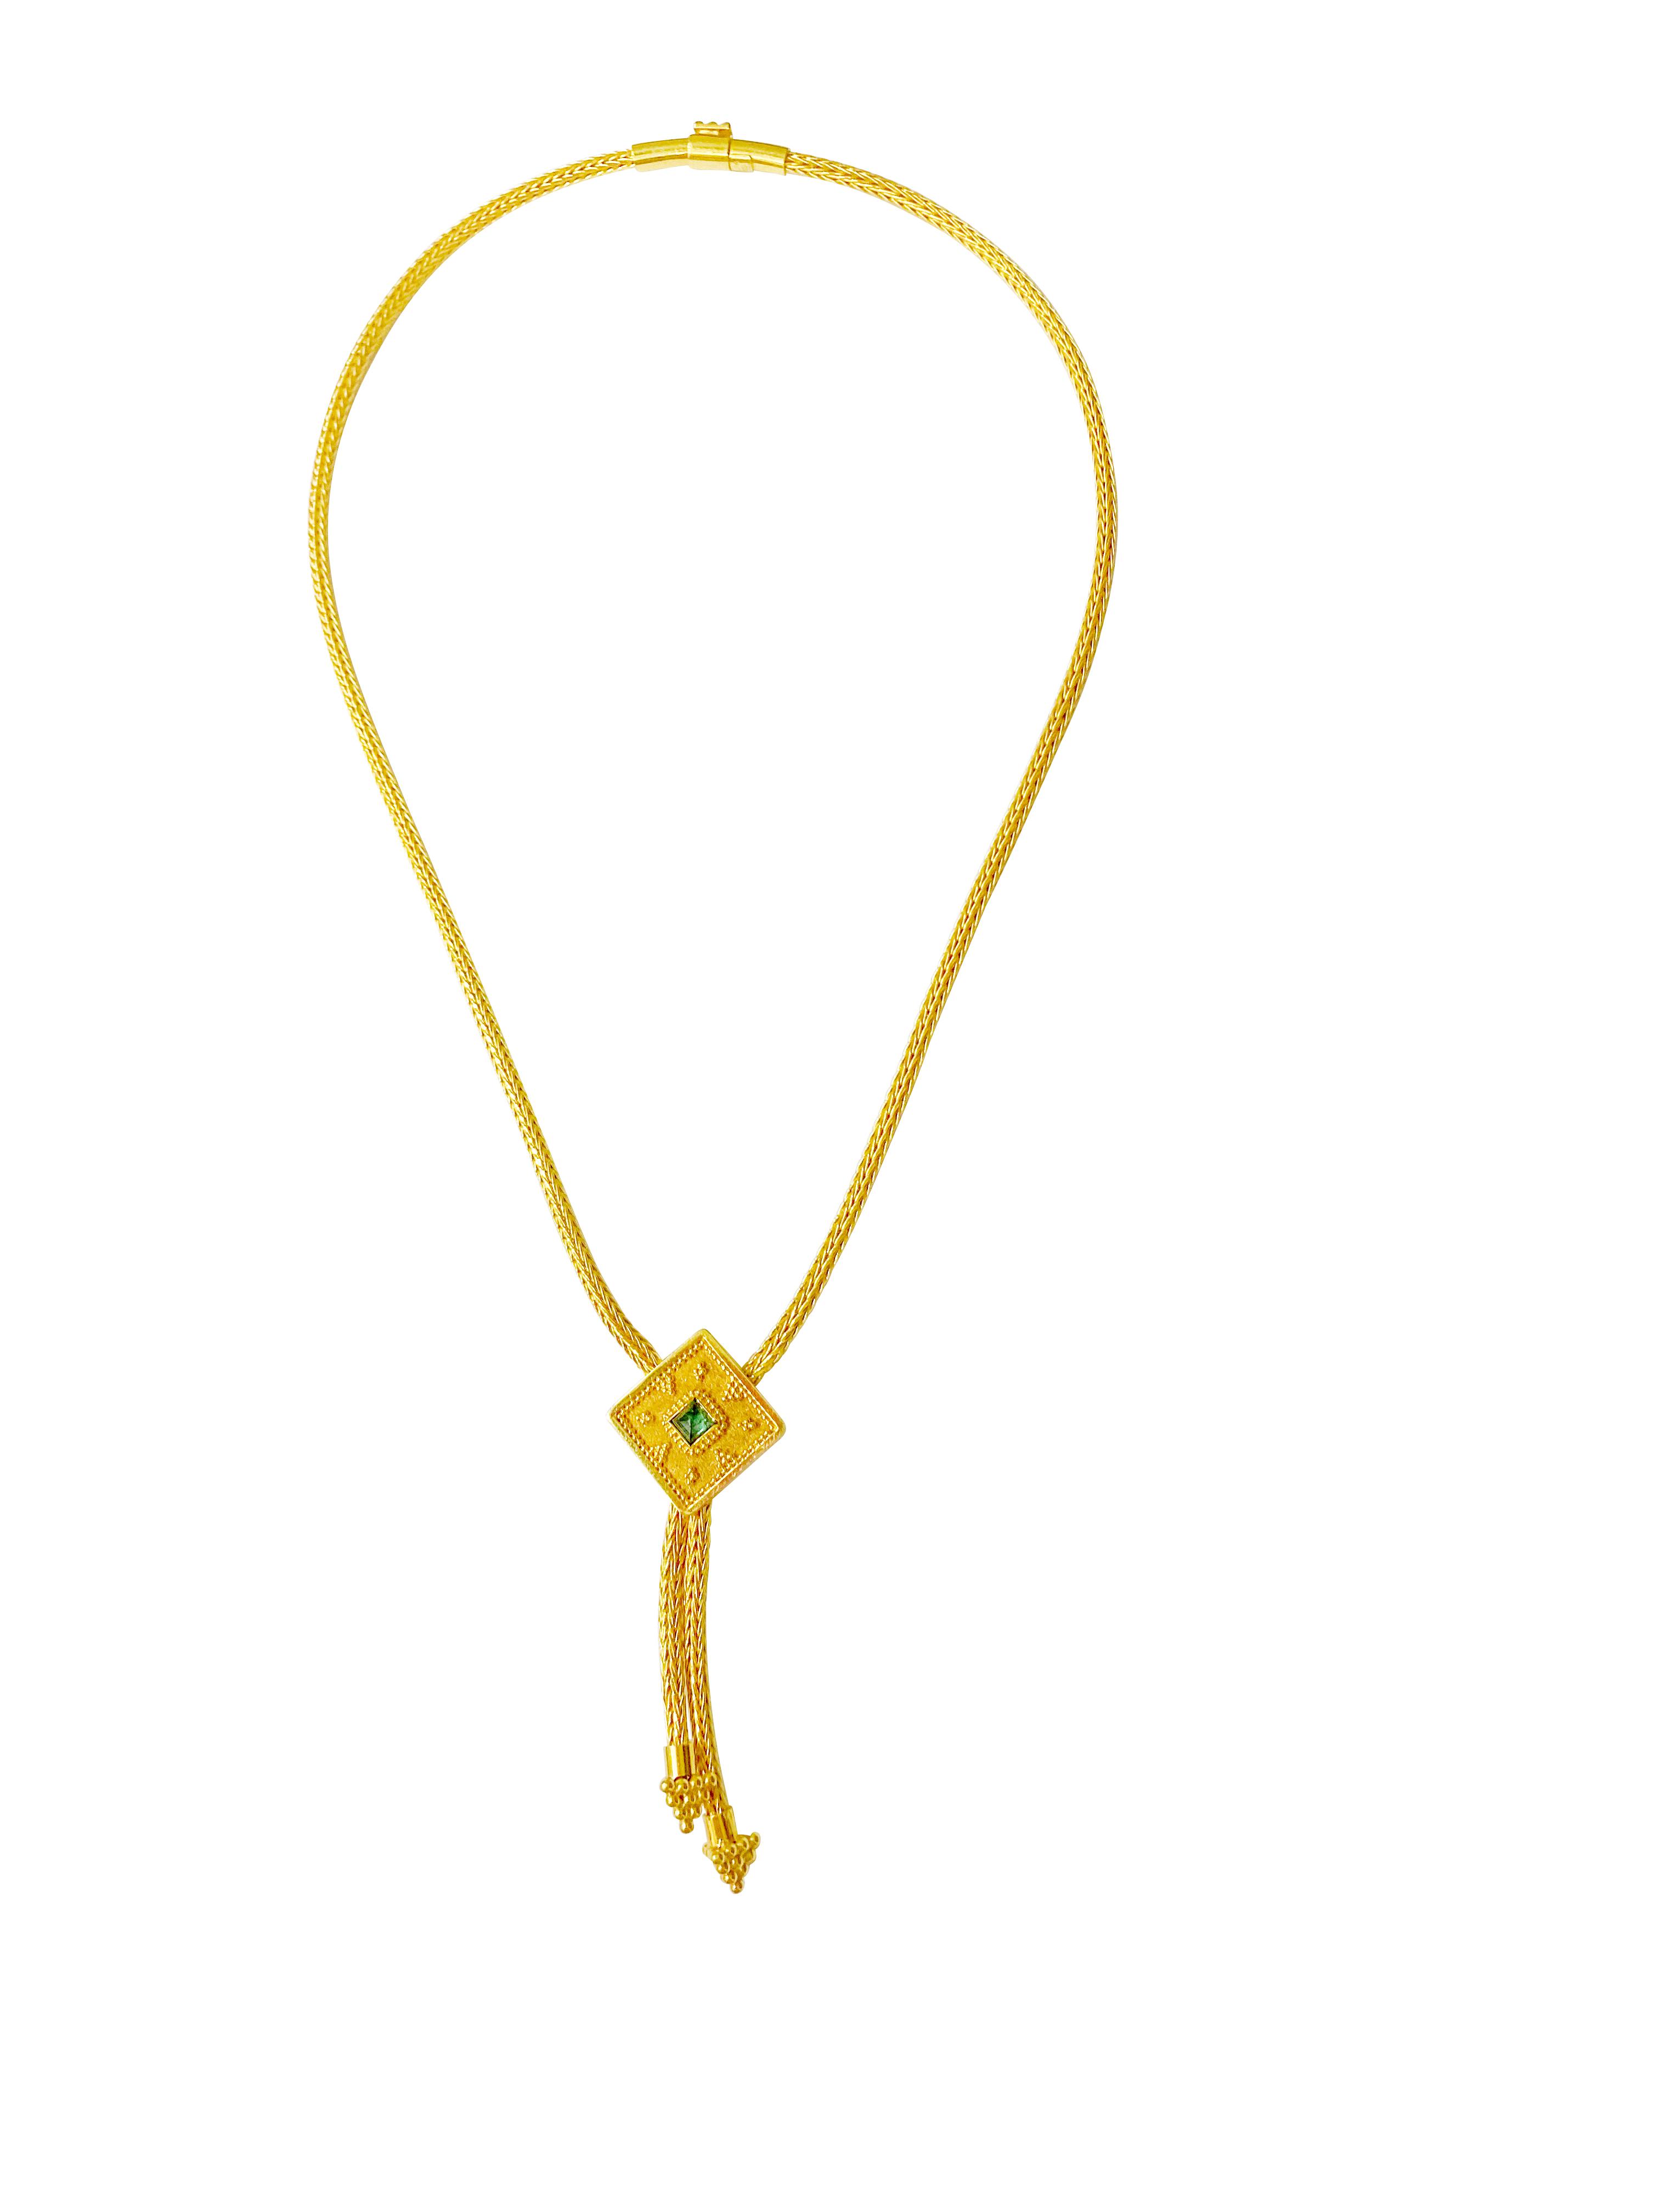 An 18K gold Byzantine style necklace.